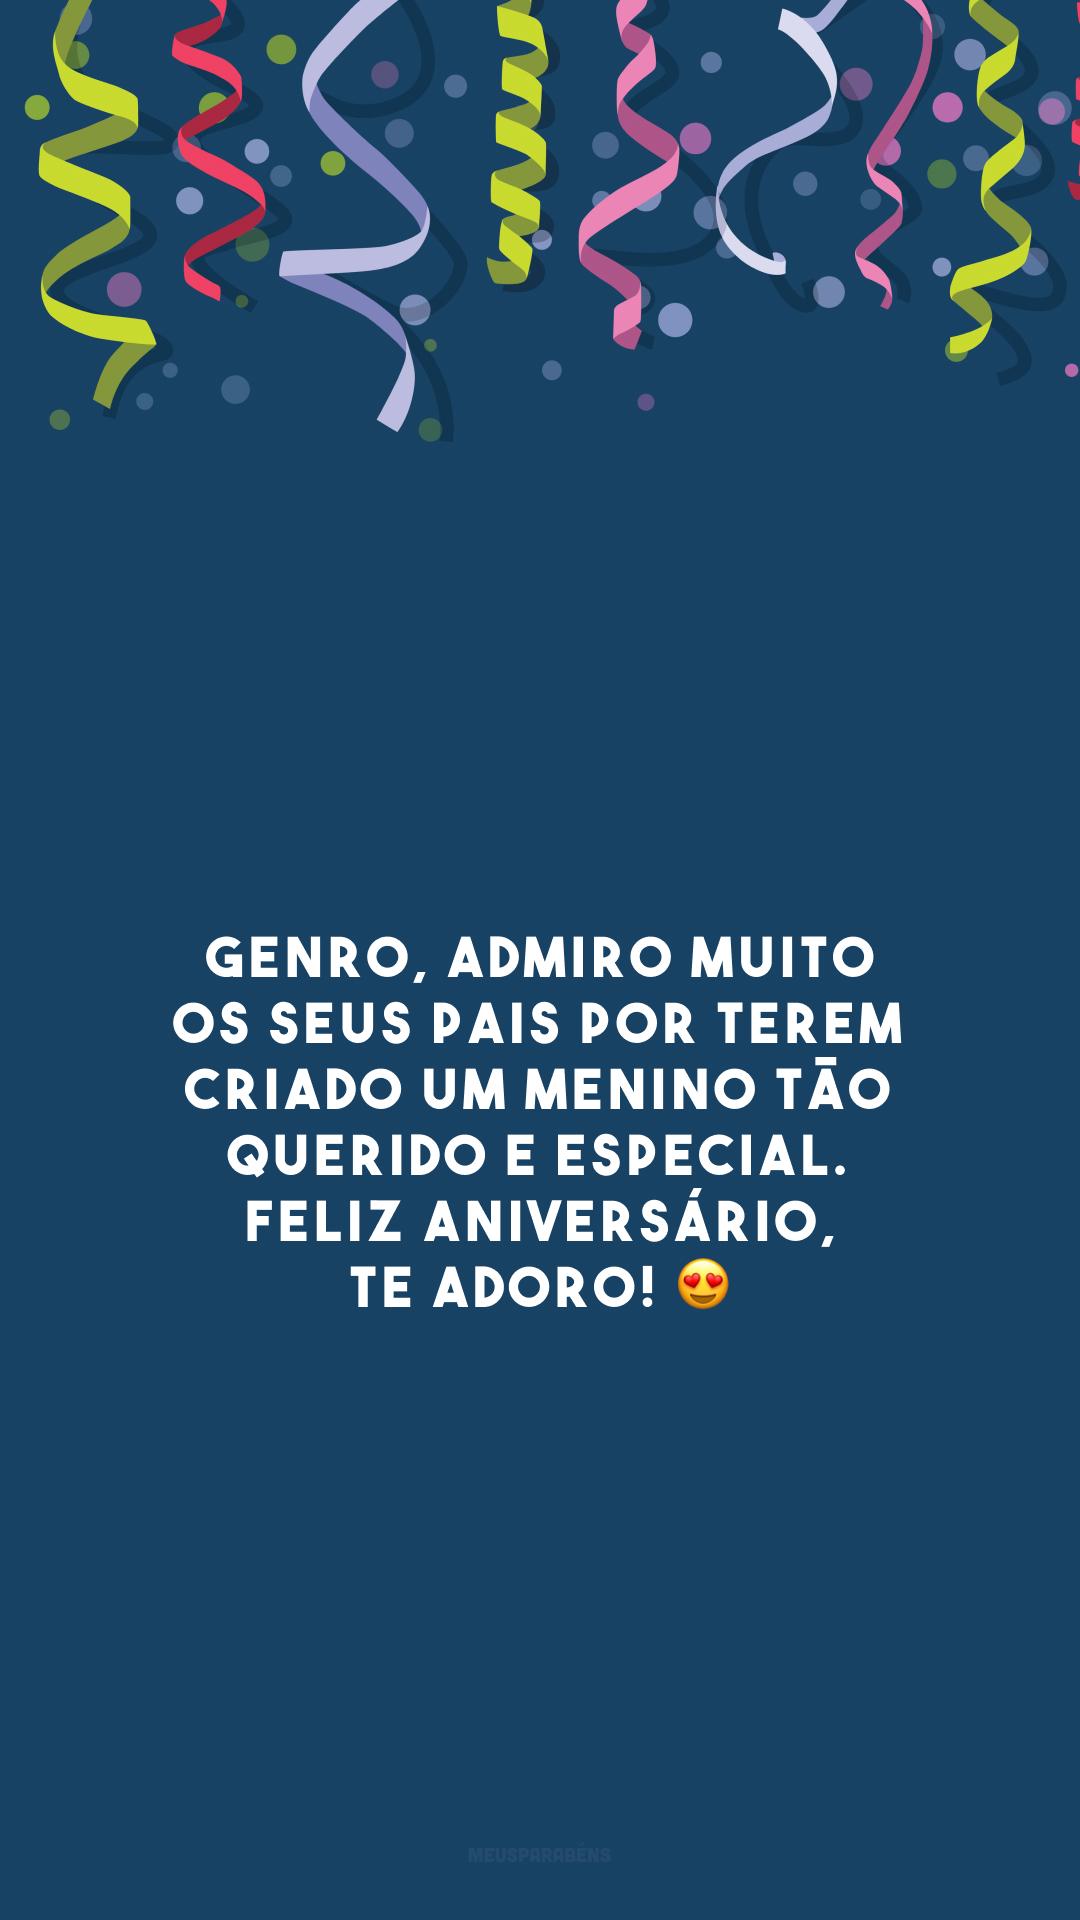 Genro, admiro muito os seus pais por terem criado um menino tão querido e especial. Feliz aniversário, te adoro! 😍